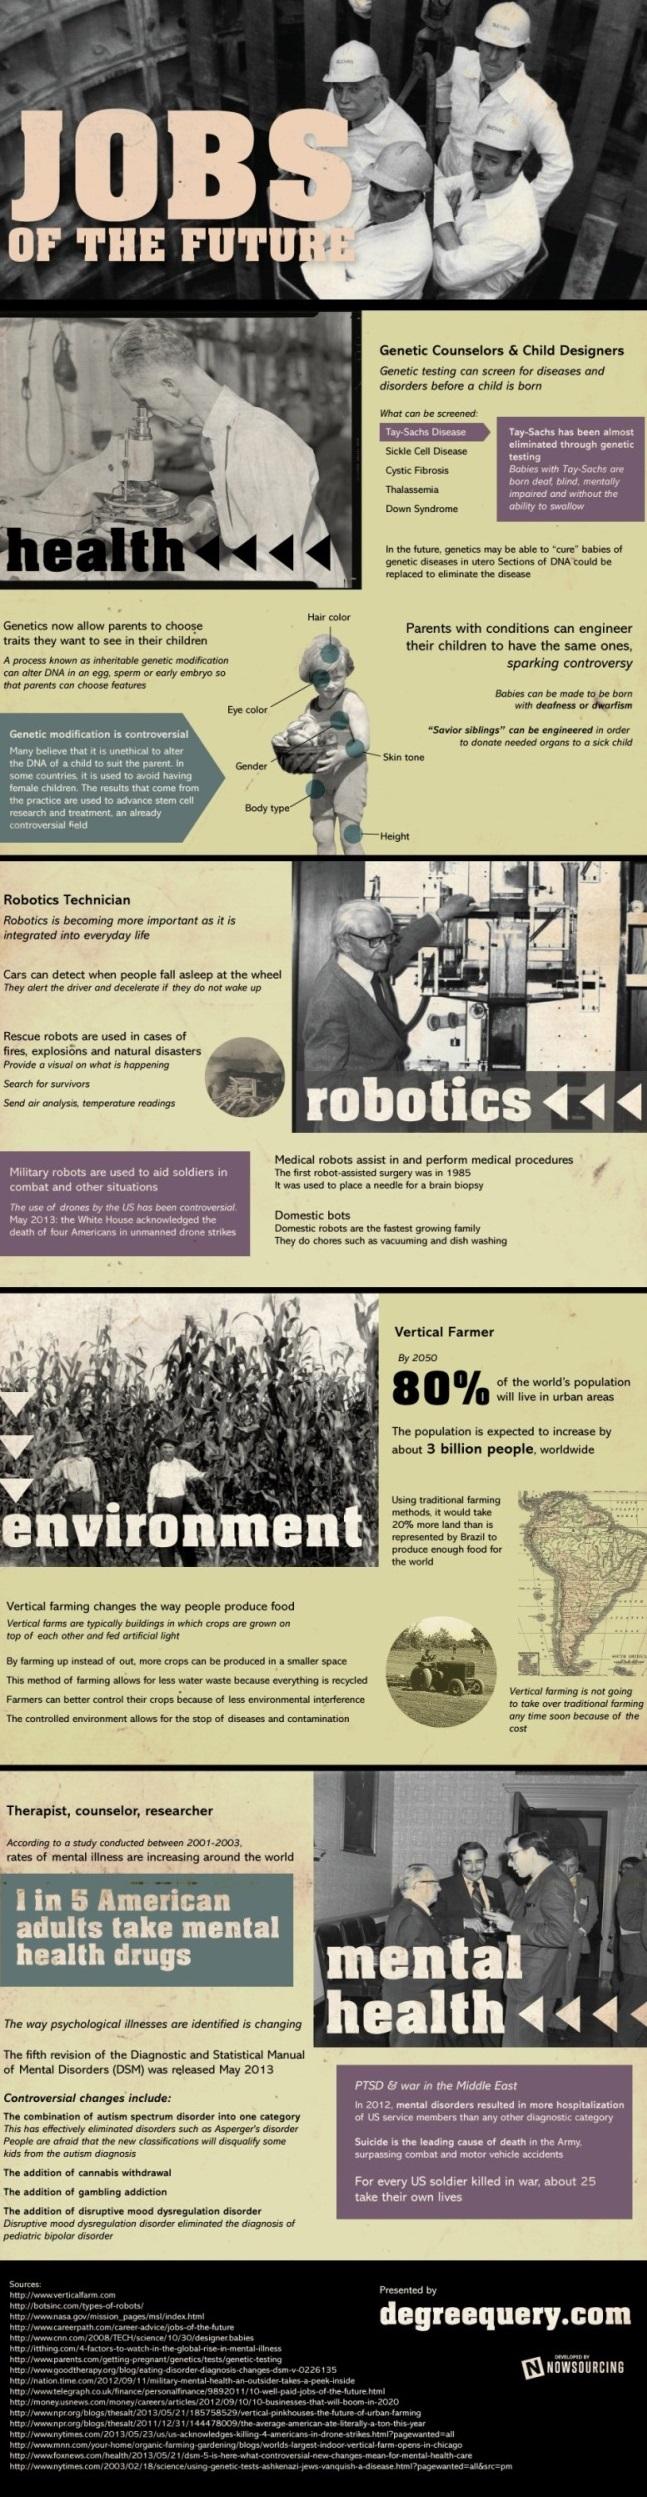 http://phoneworld.com.pk/wp-content/uploads/2013/07/jobs.jpg